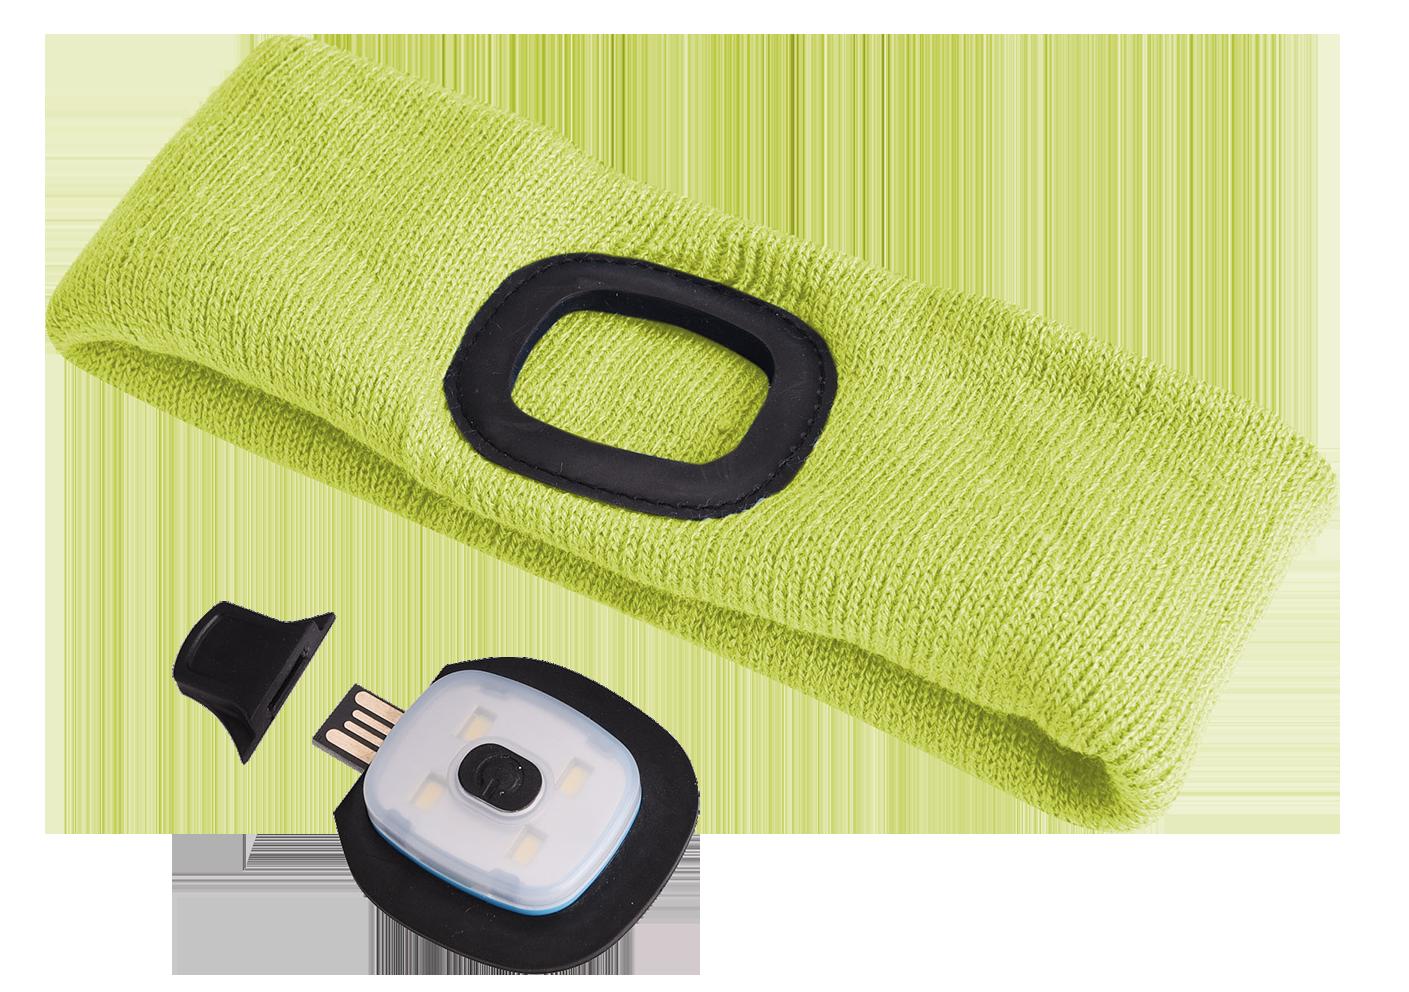 Čelenka s čelovkou 45lm, nabíjecí, USB, univerzální velikost, fluorescentní žlutá SIXTOL